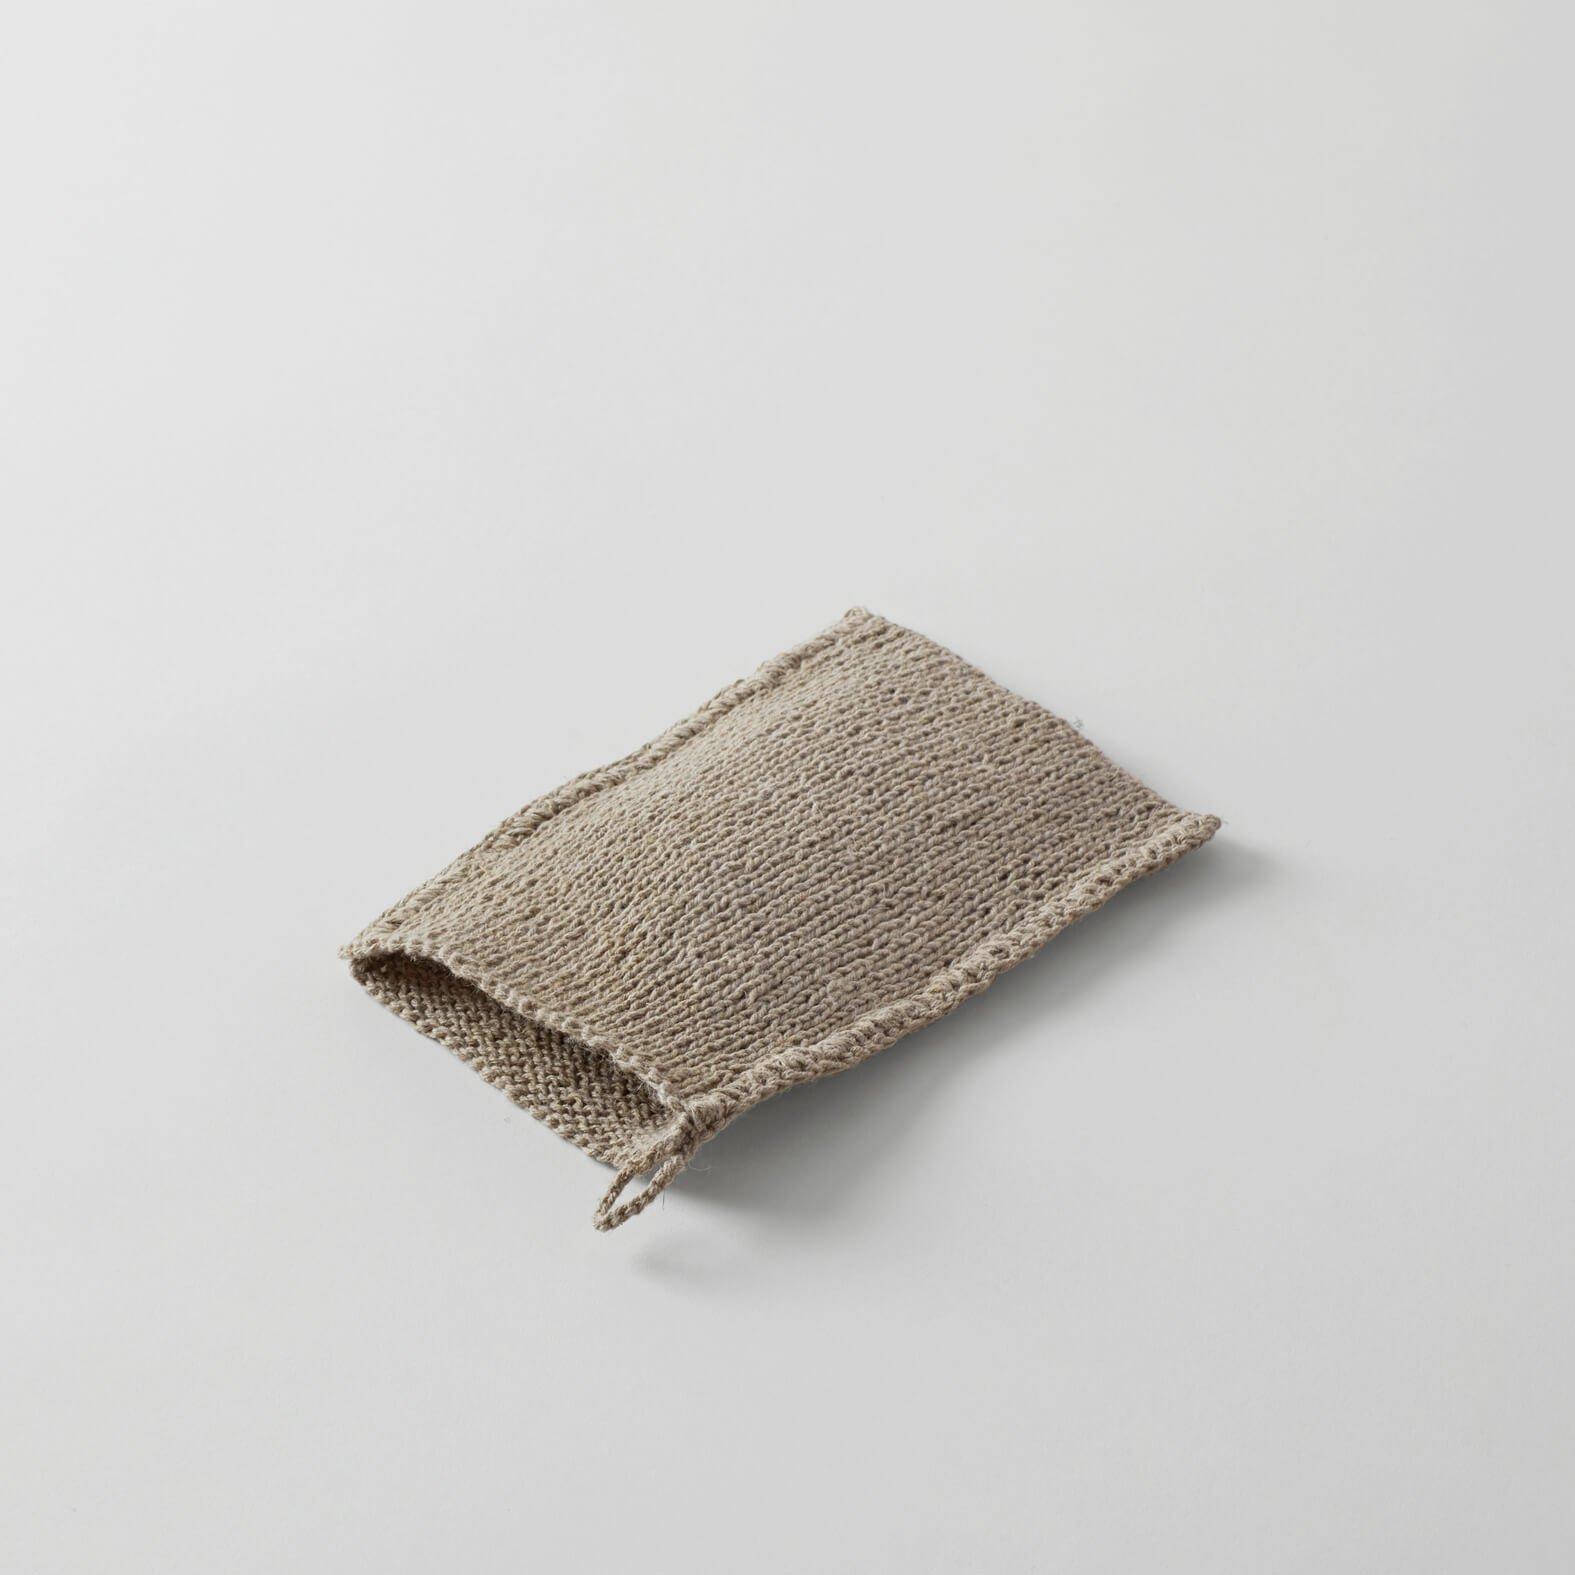 Fog Linen Body Wash Cloth